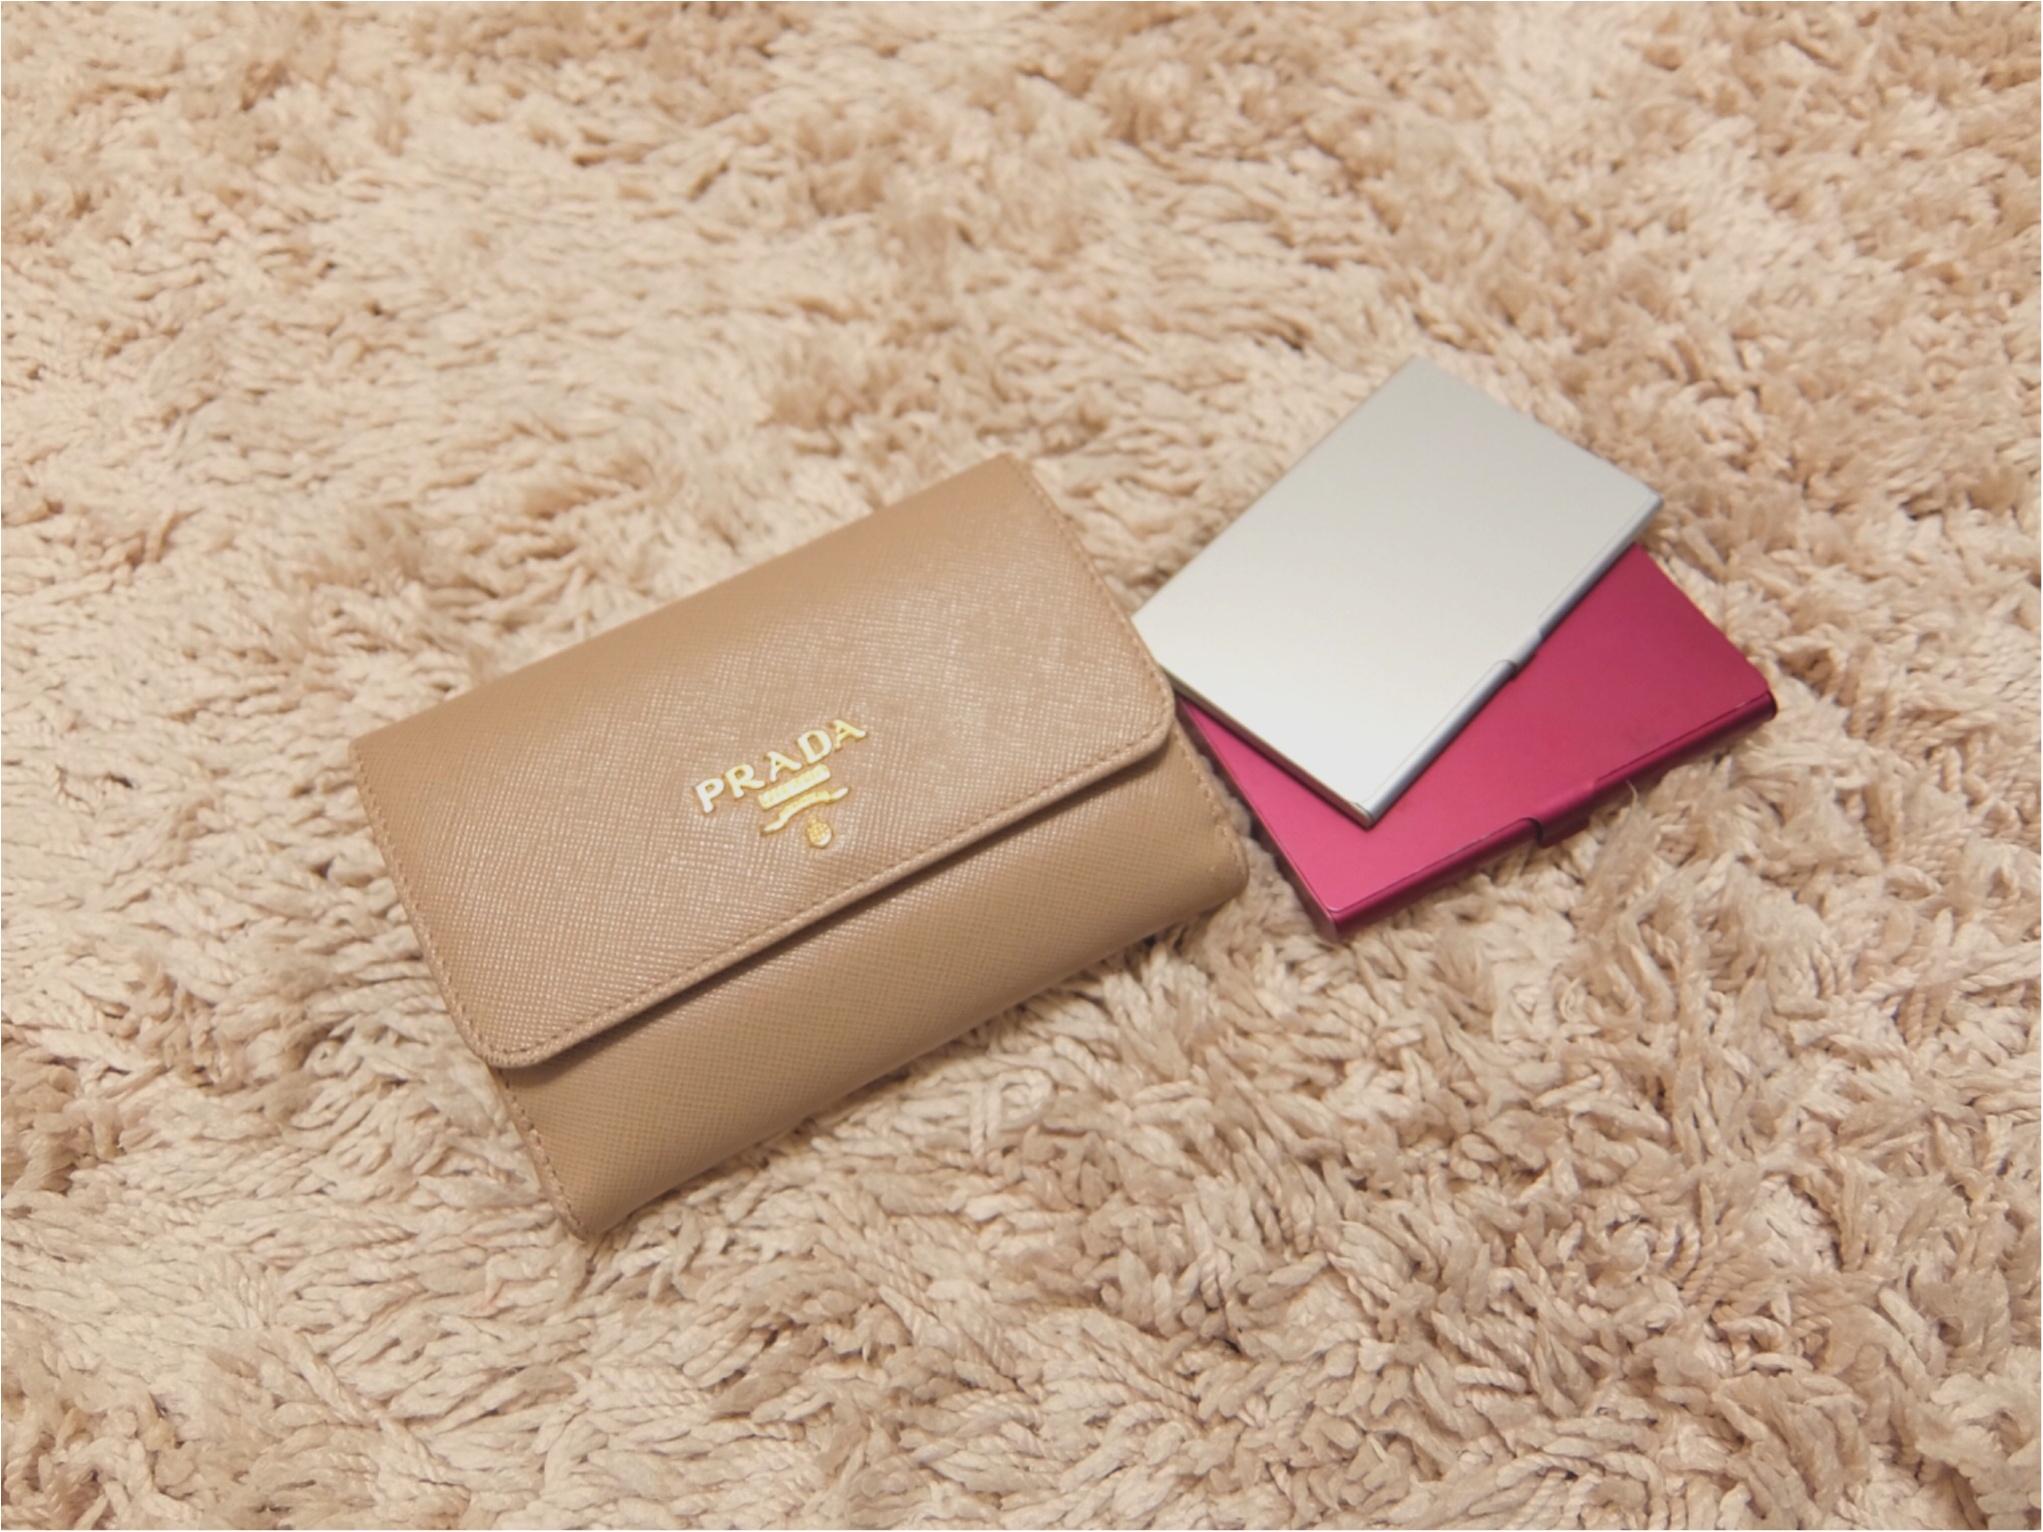 愛用財布は【PRADA】♡二つ折り派さん必見の≪カード収納術≫も紹介!_5